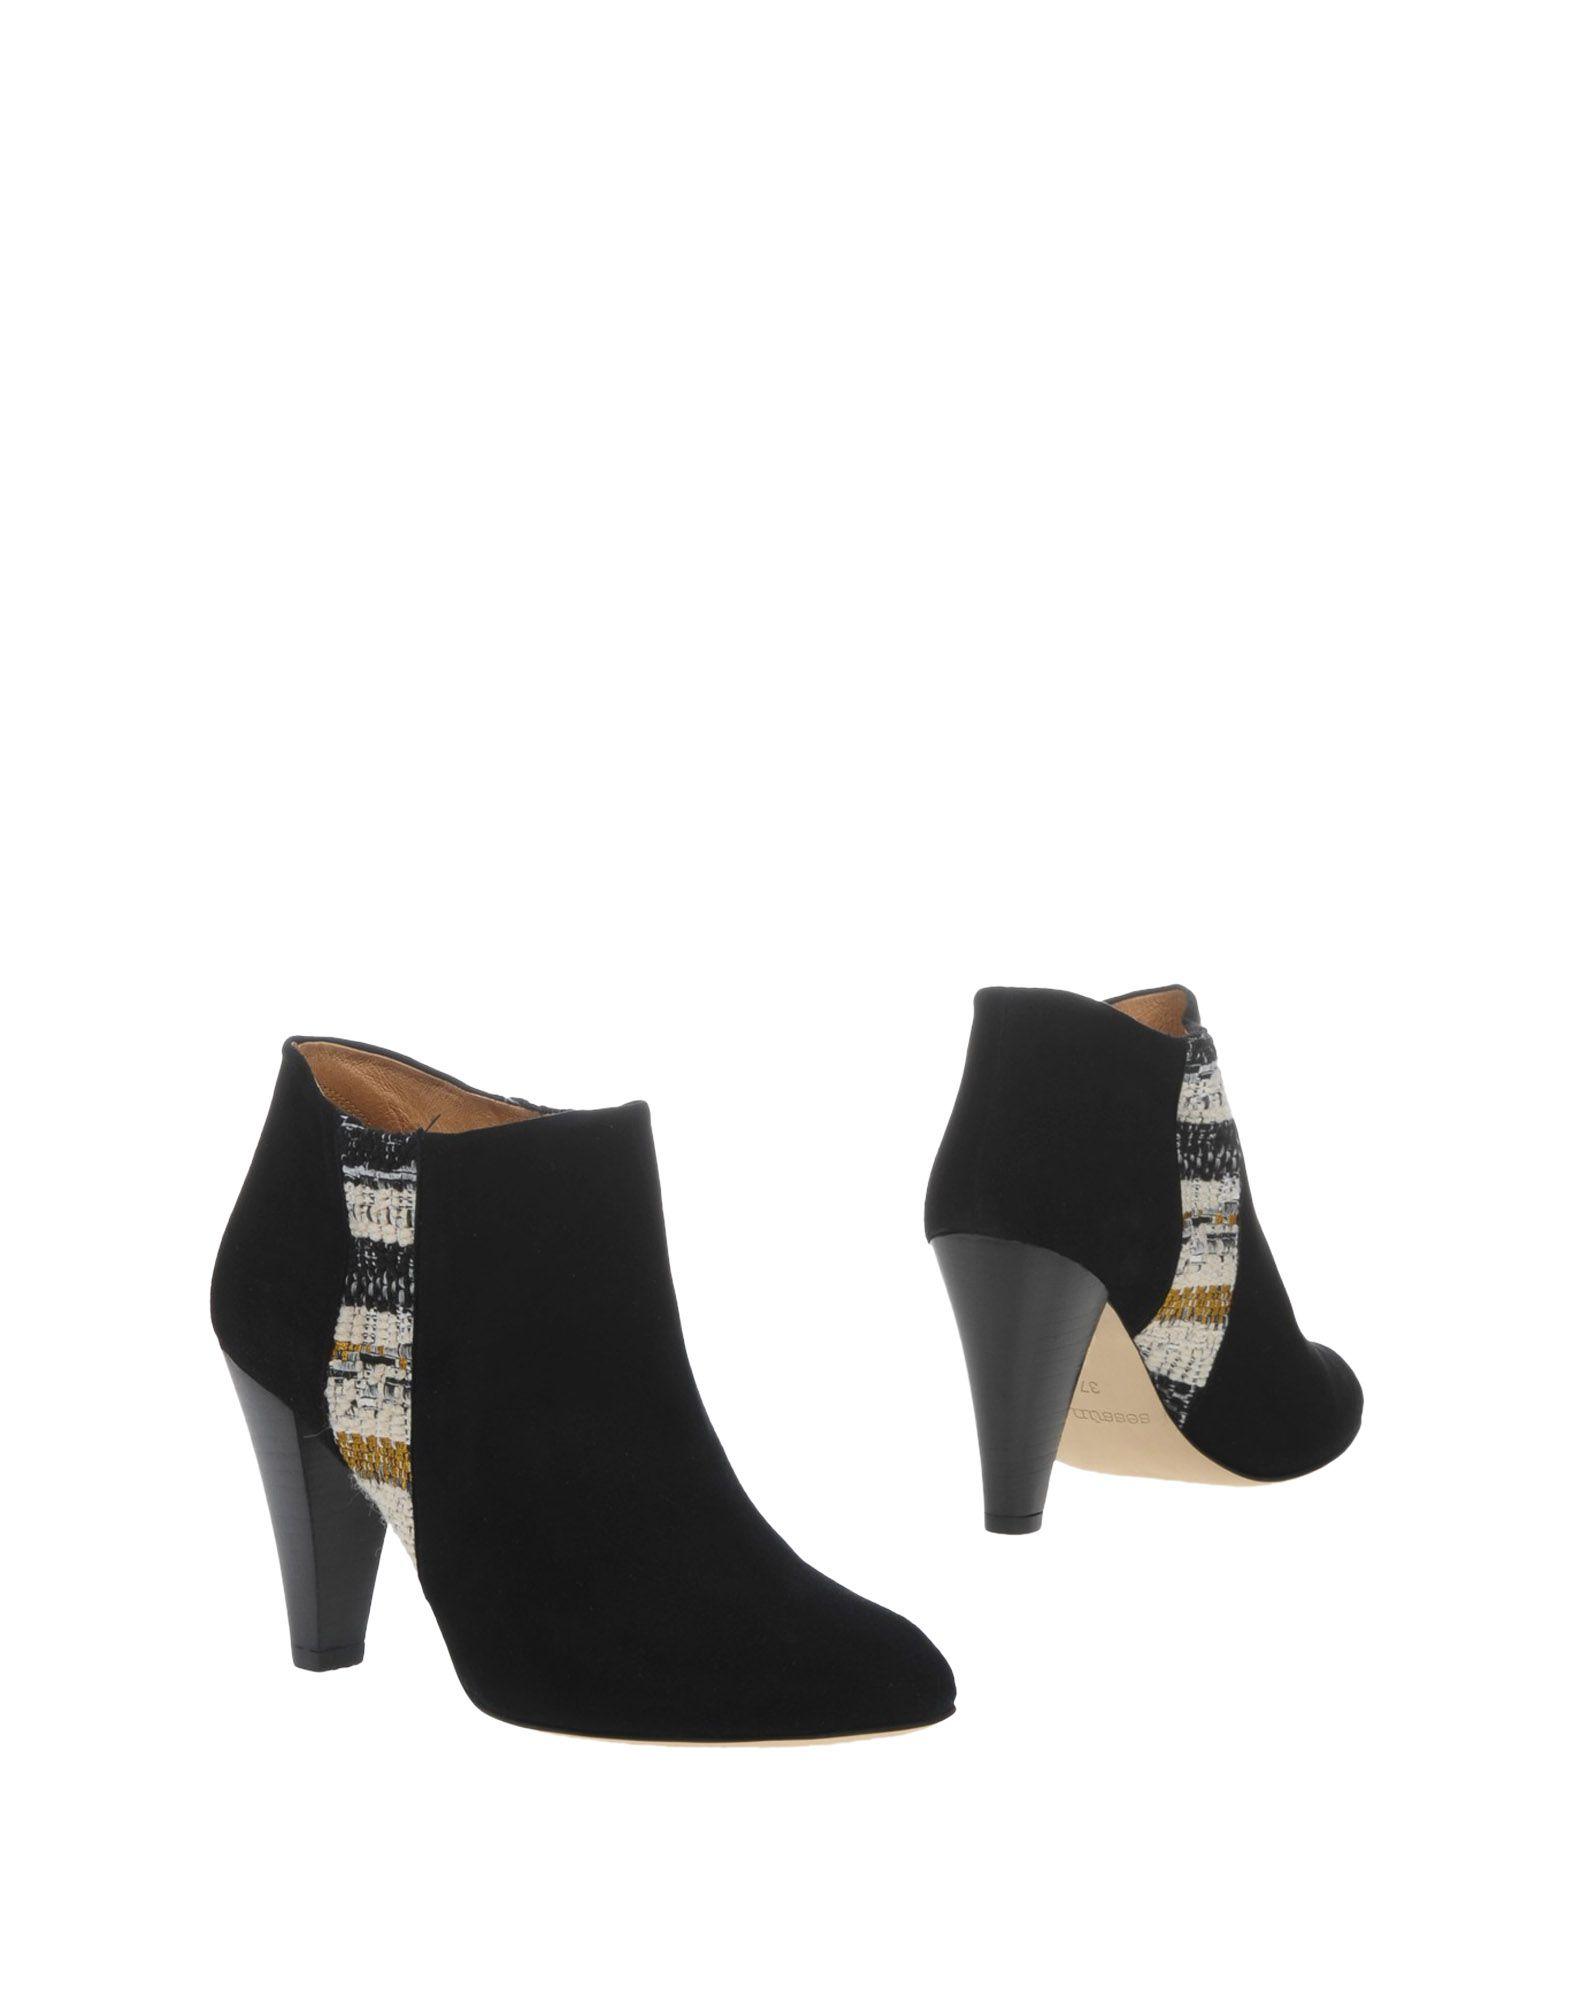 Sessun Stiefelette Damen  11303373NS Gute Qualität beliebte Schuhe